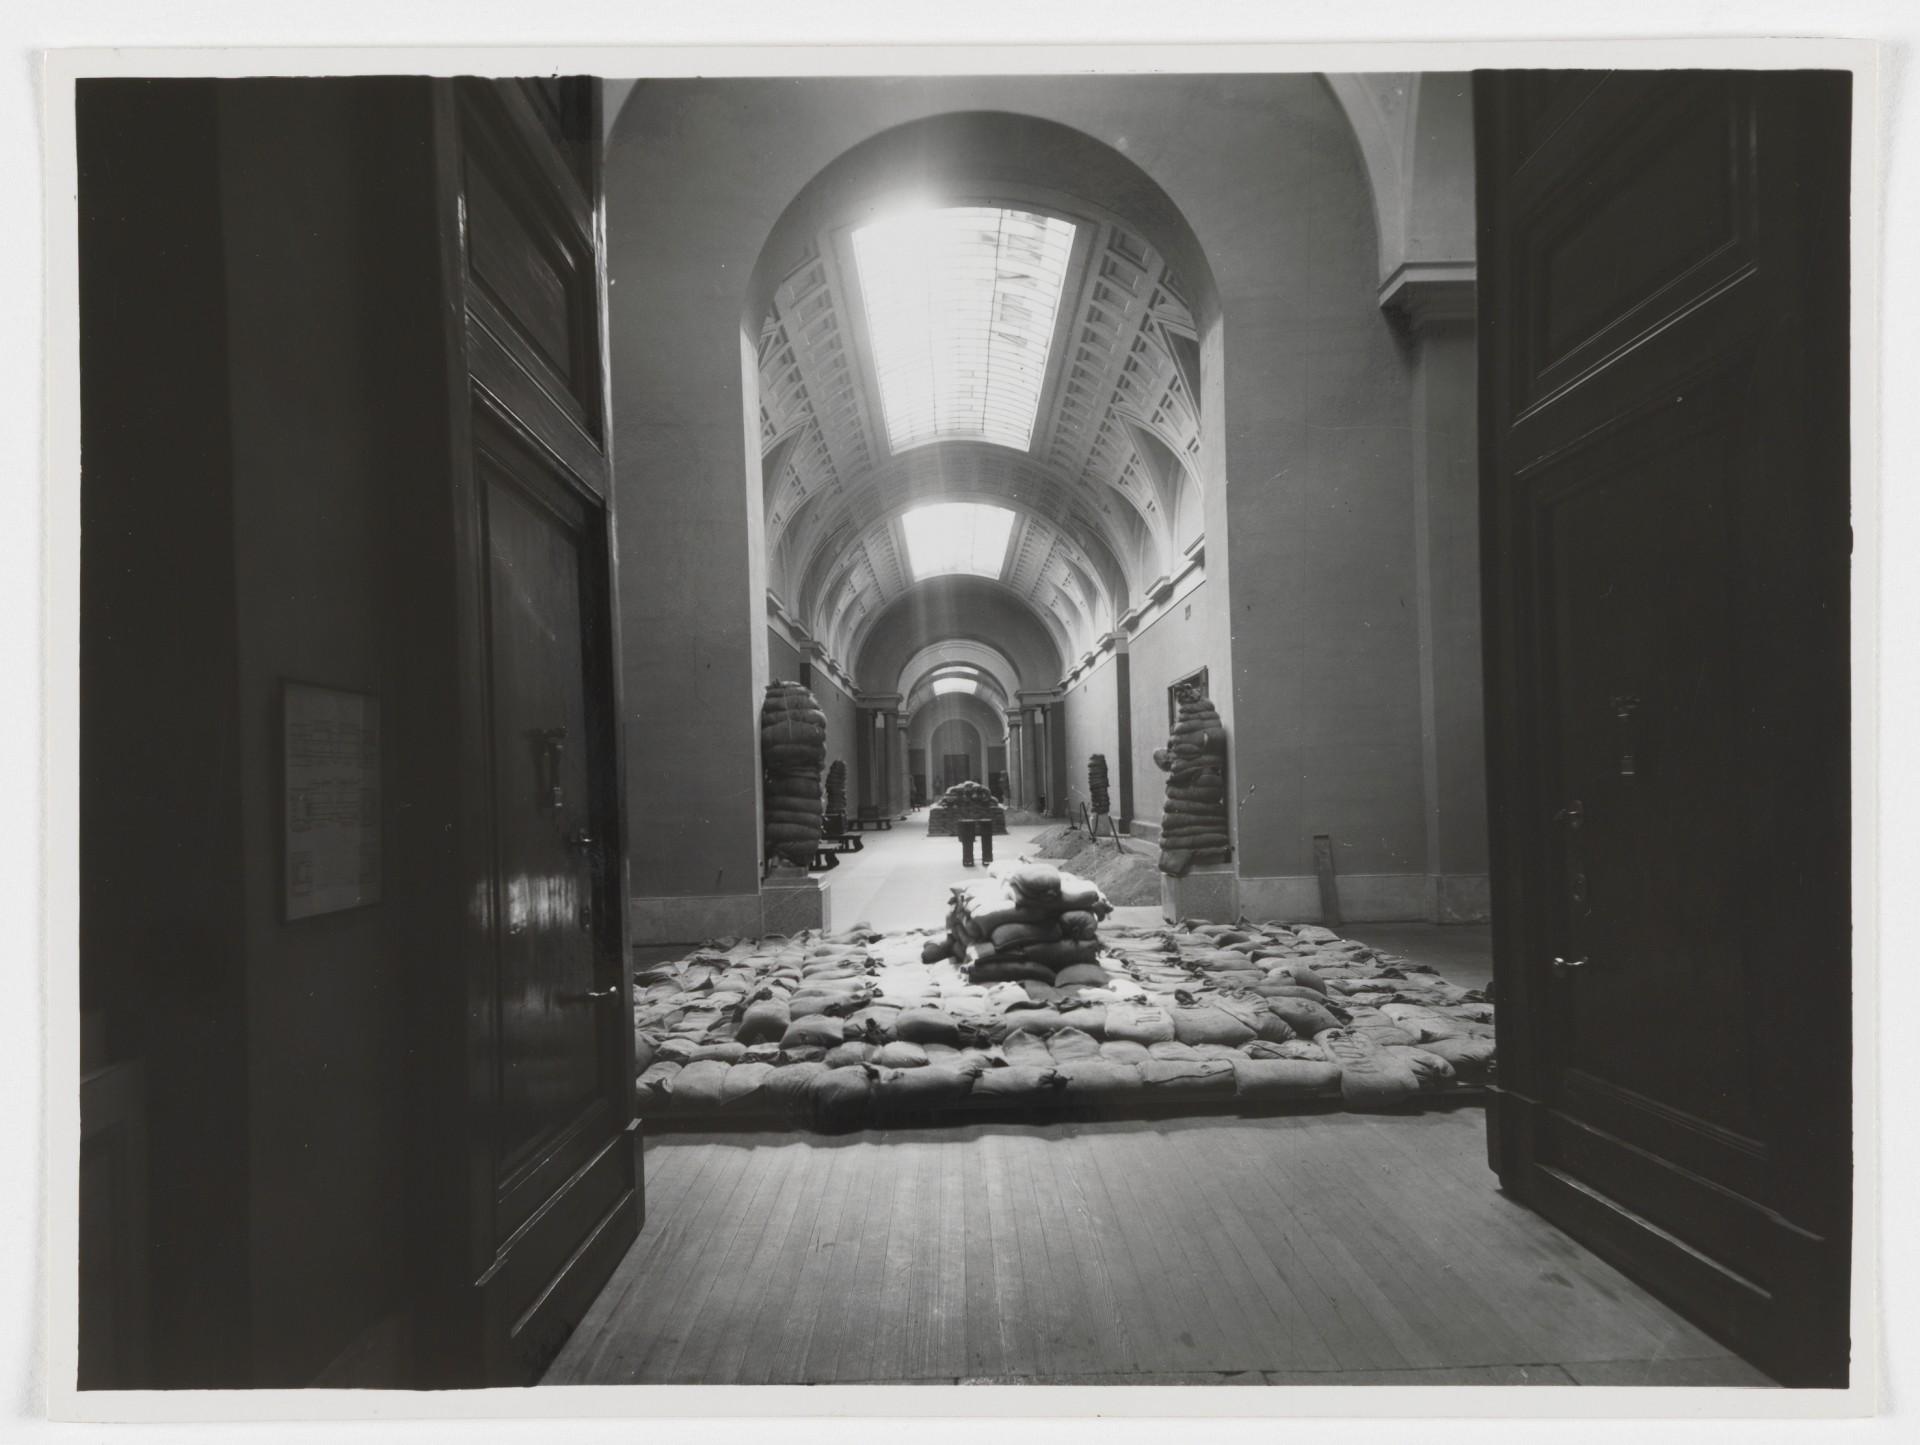 museo-del-prado-galeria-central-guerra-c